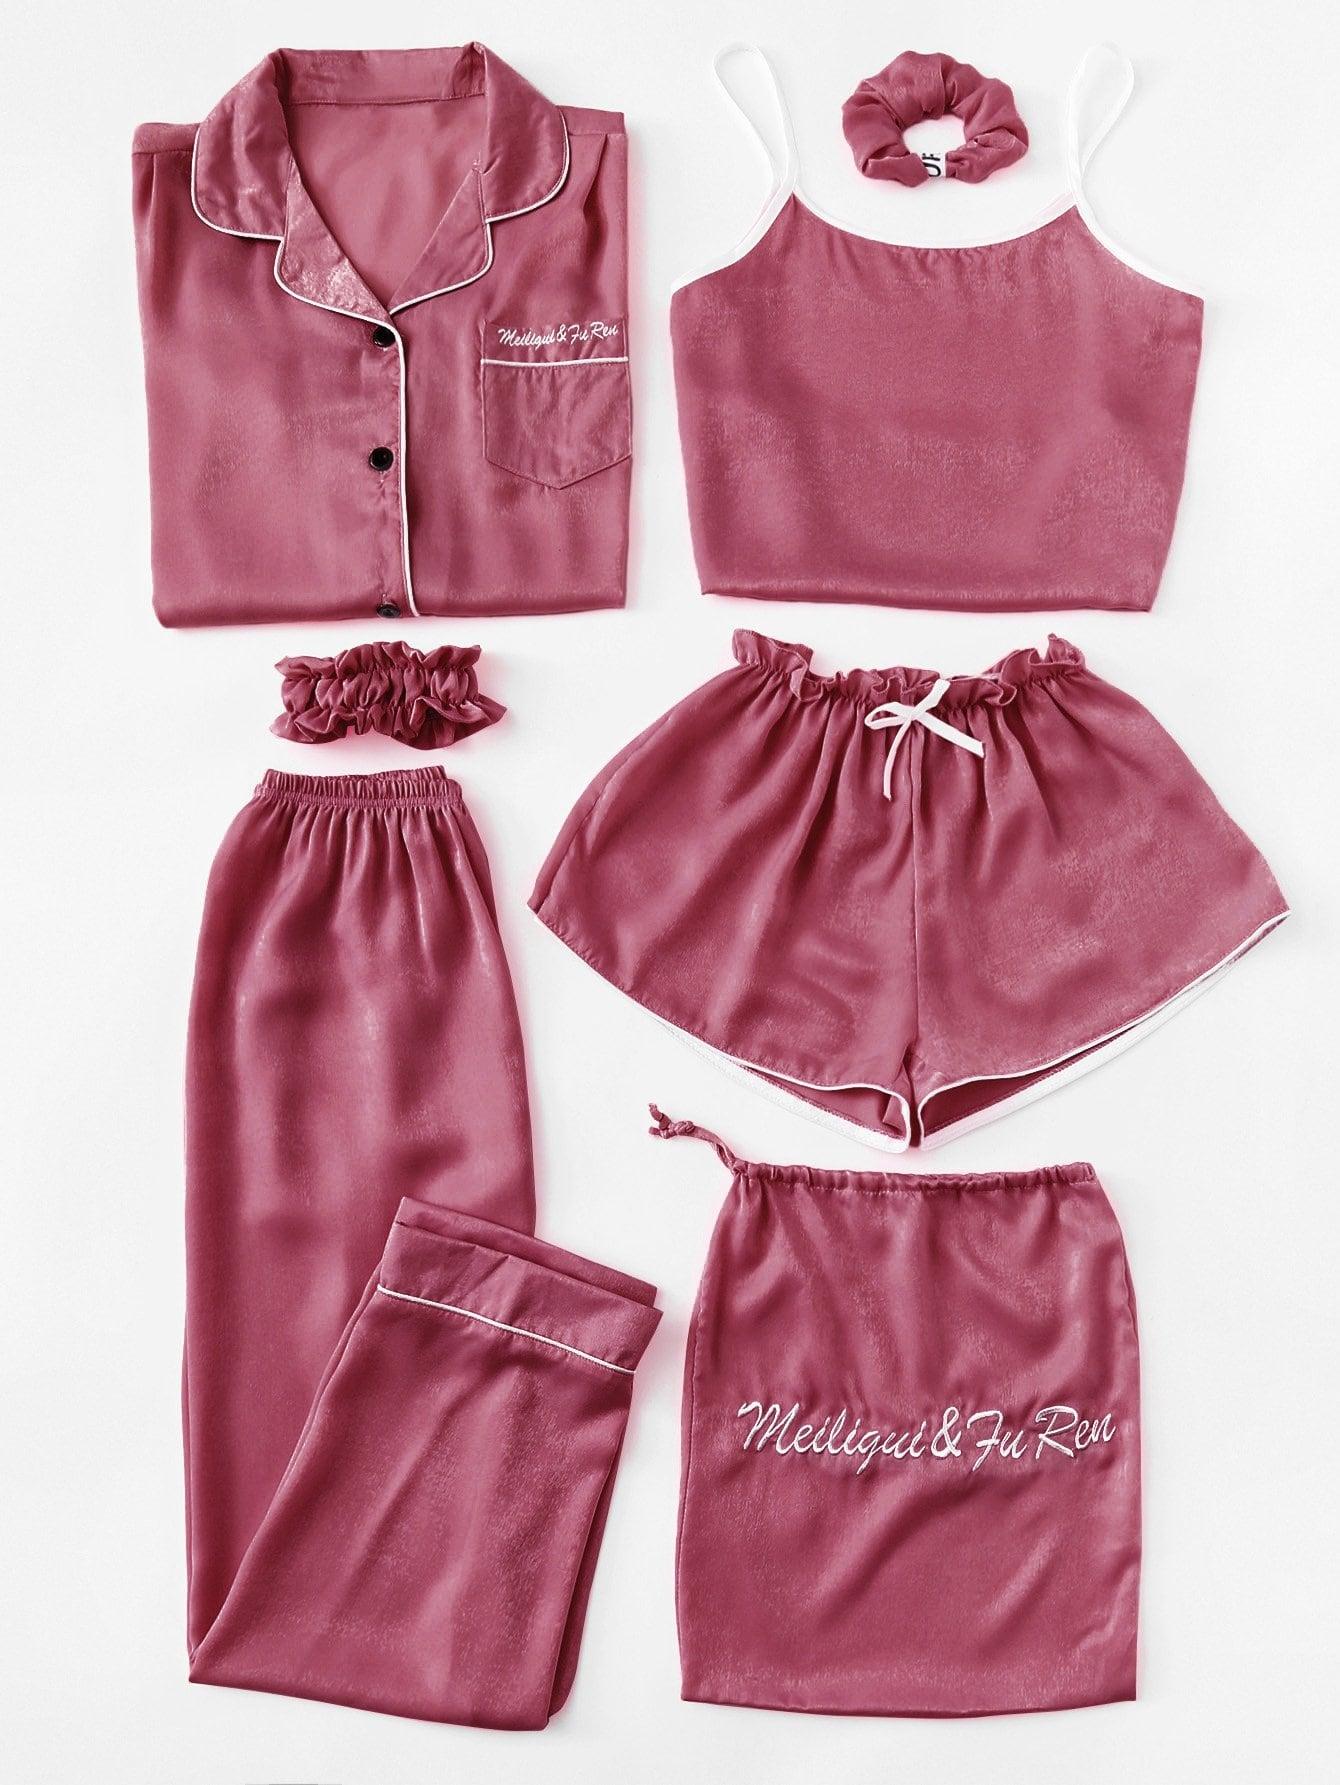 7pcs письмо вышитые Ками пижамы набор с рубашкой thumbnail